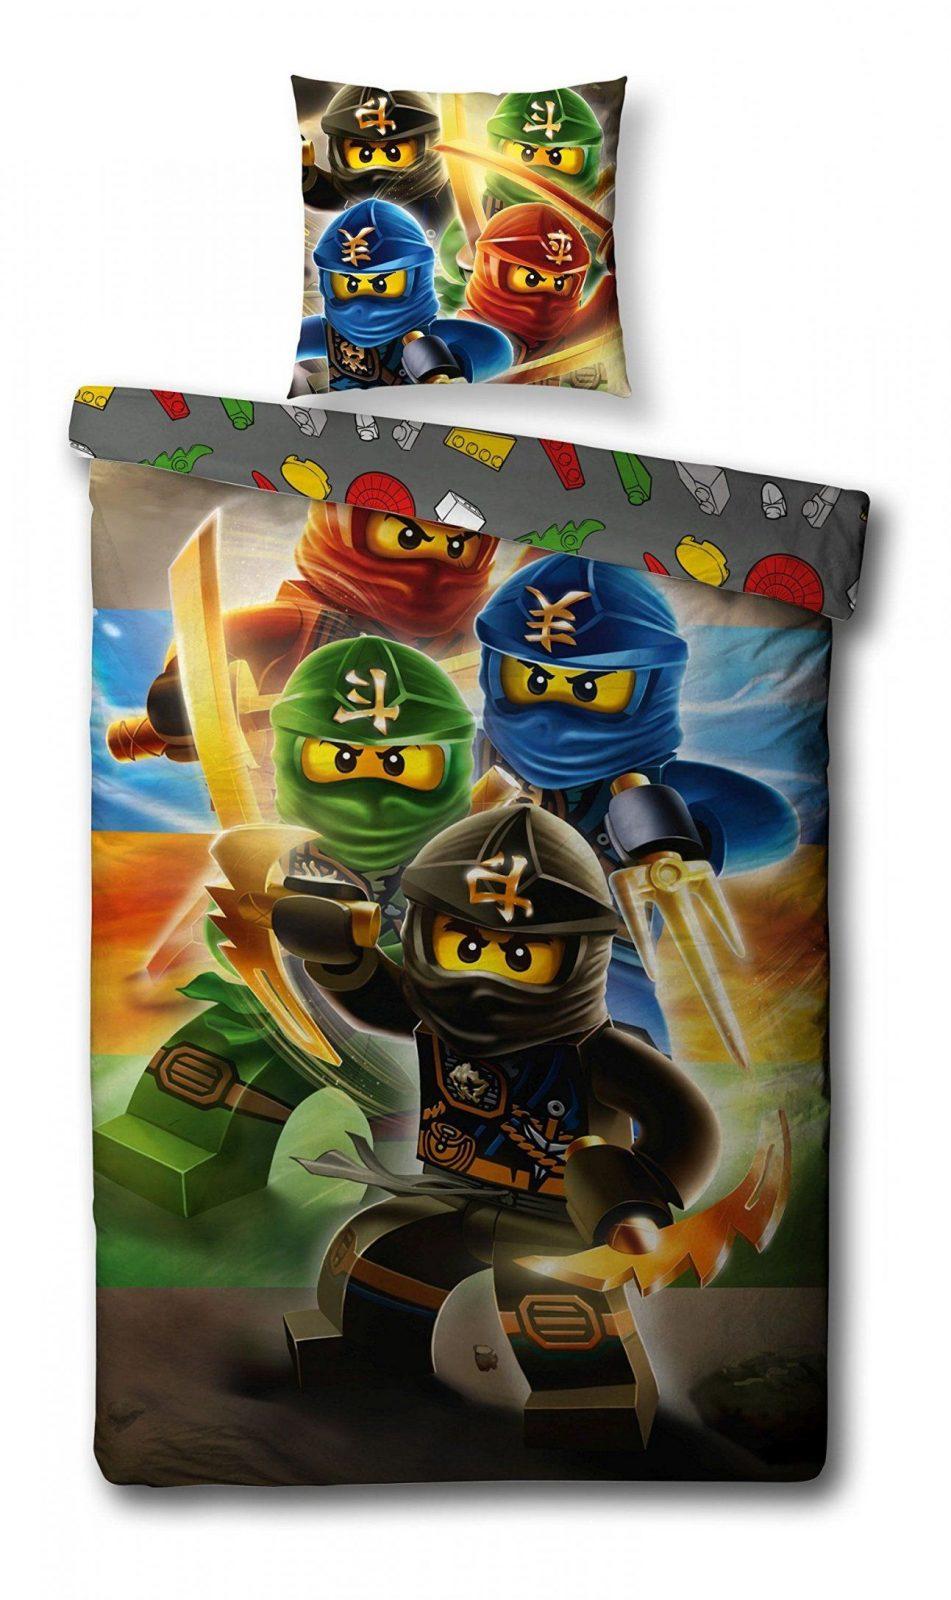 Wende Bettwäsche Set Lego Ninjago 135X200Cm + 80X80Cm Linon von Kaufhof Bettwäsche 155X220 Photo